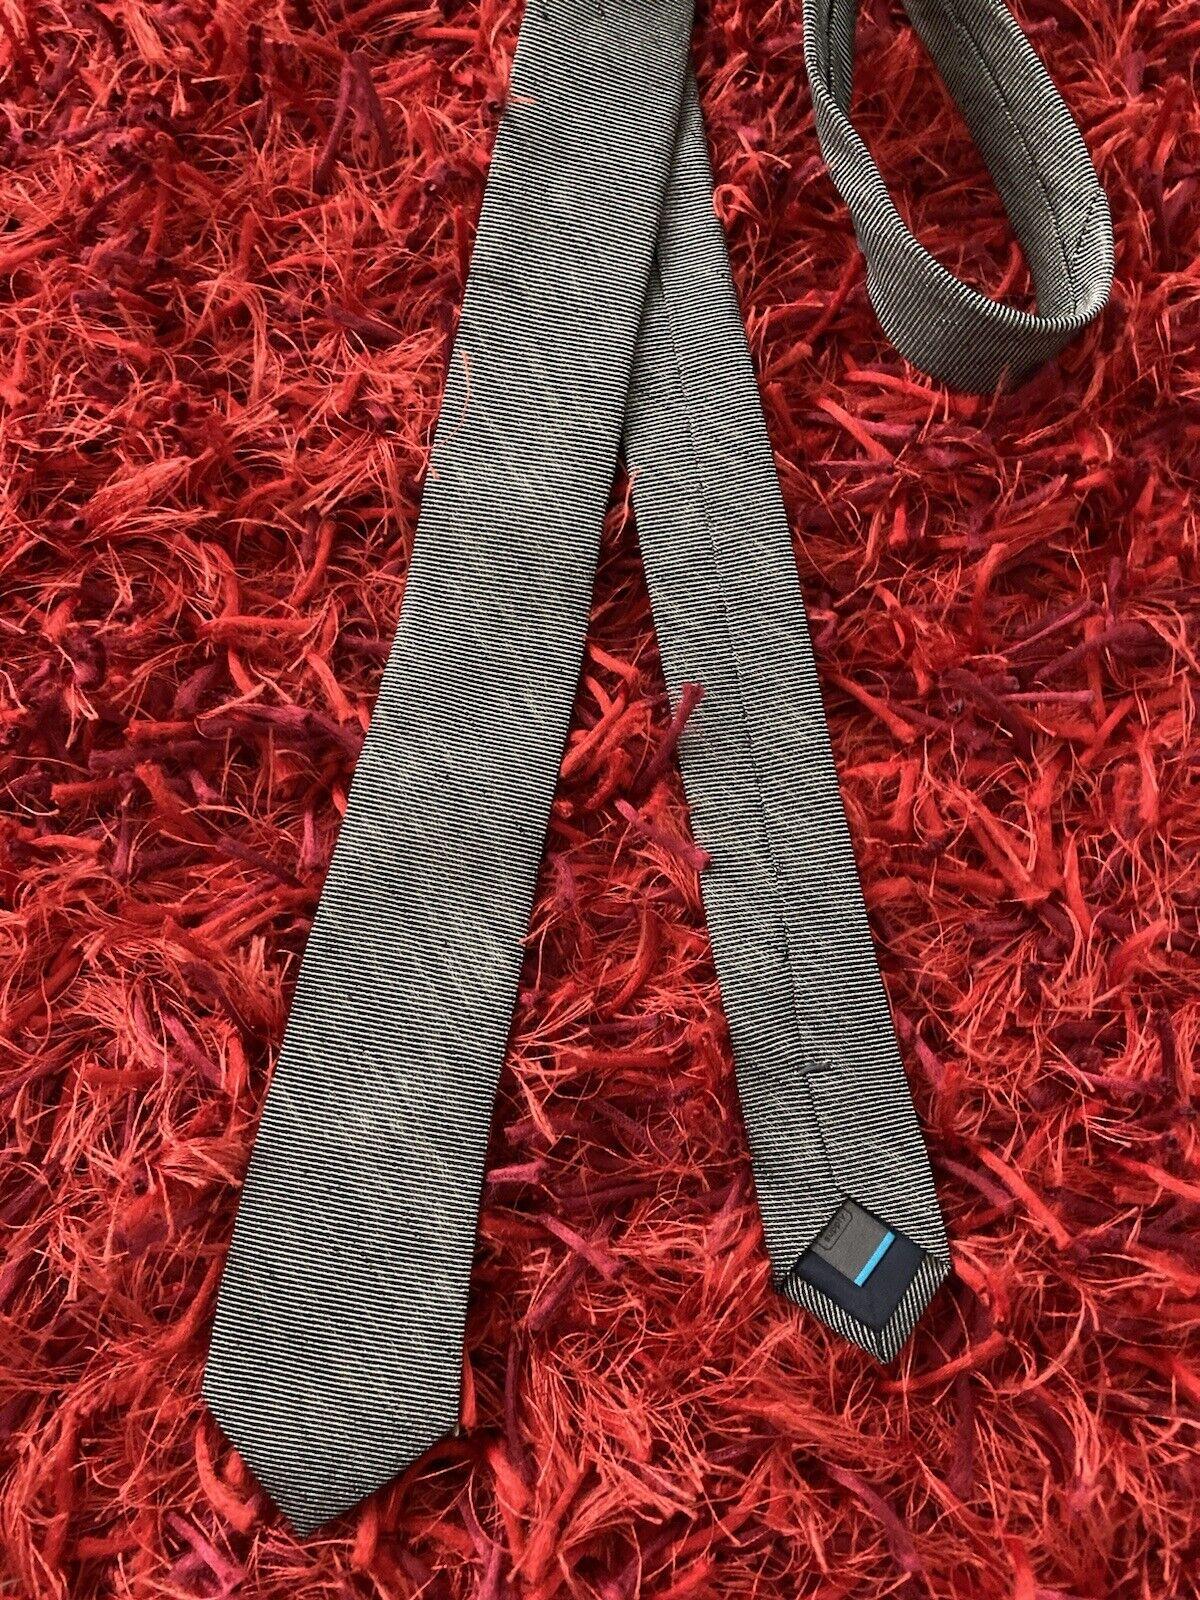 SUITSUPPLY Krawatte Binder Seide Leinen schwarz grau dezent HINGUCKER edel